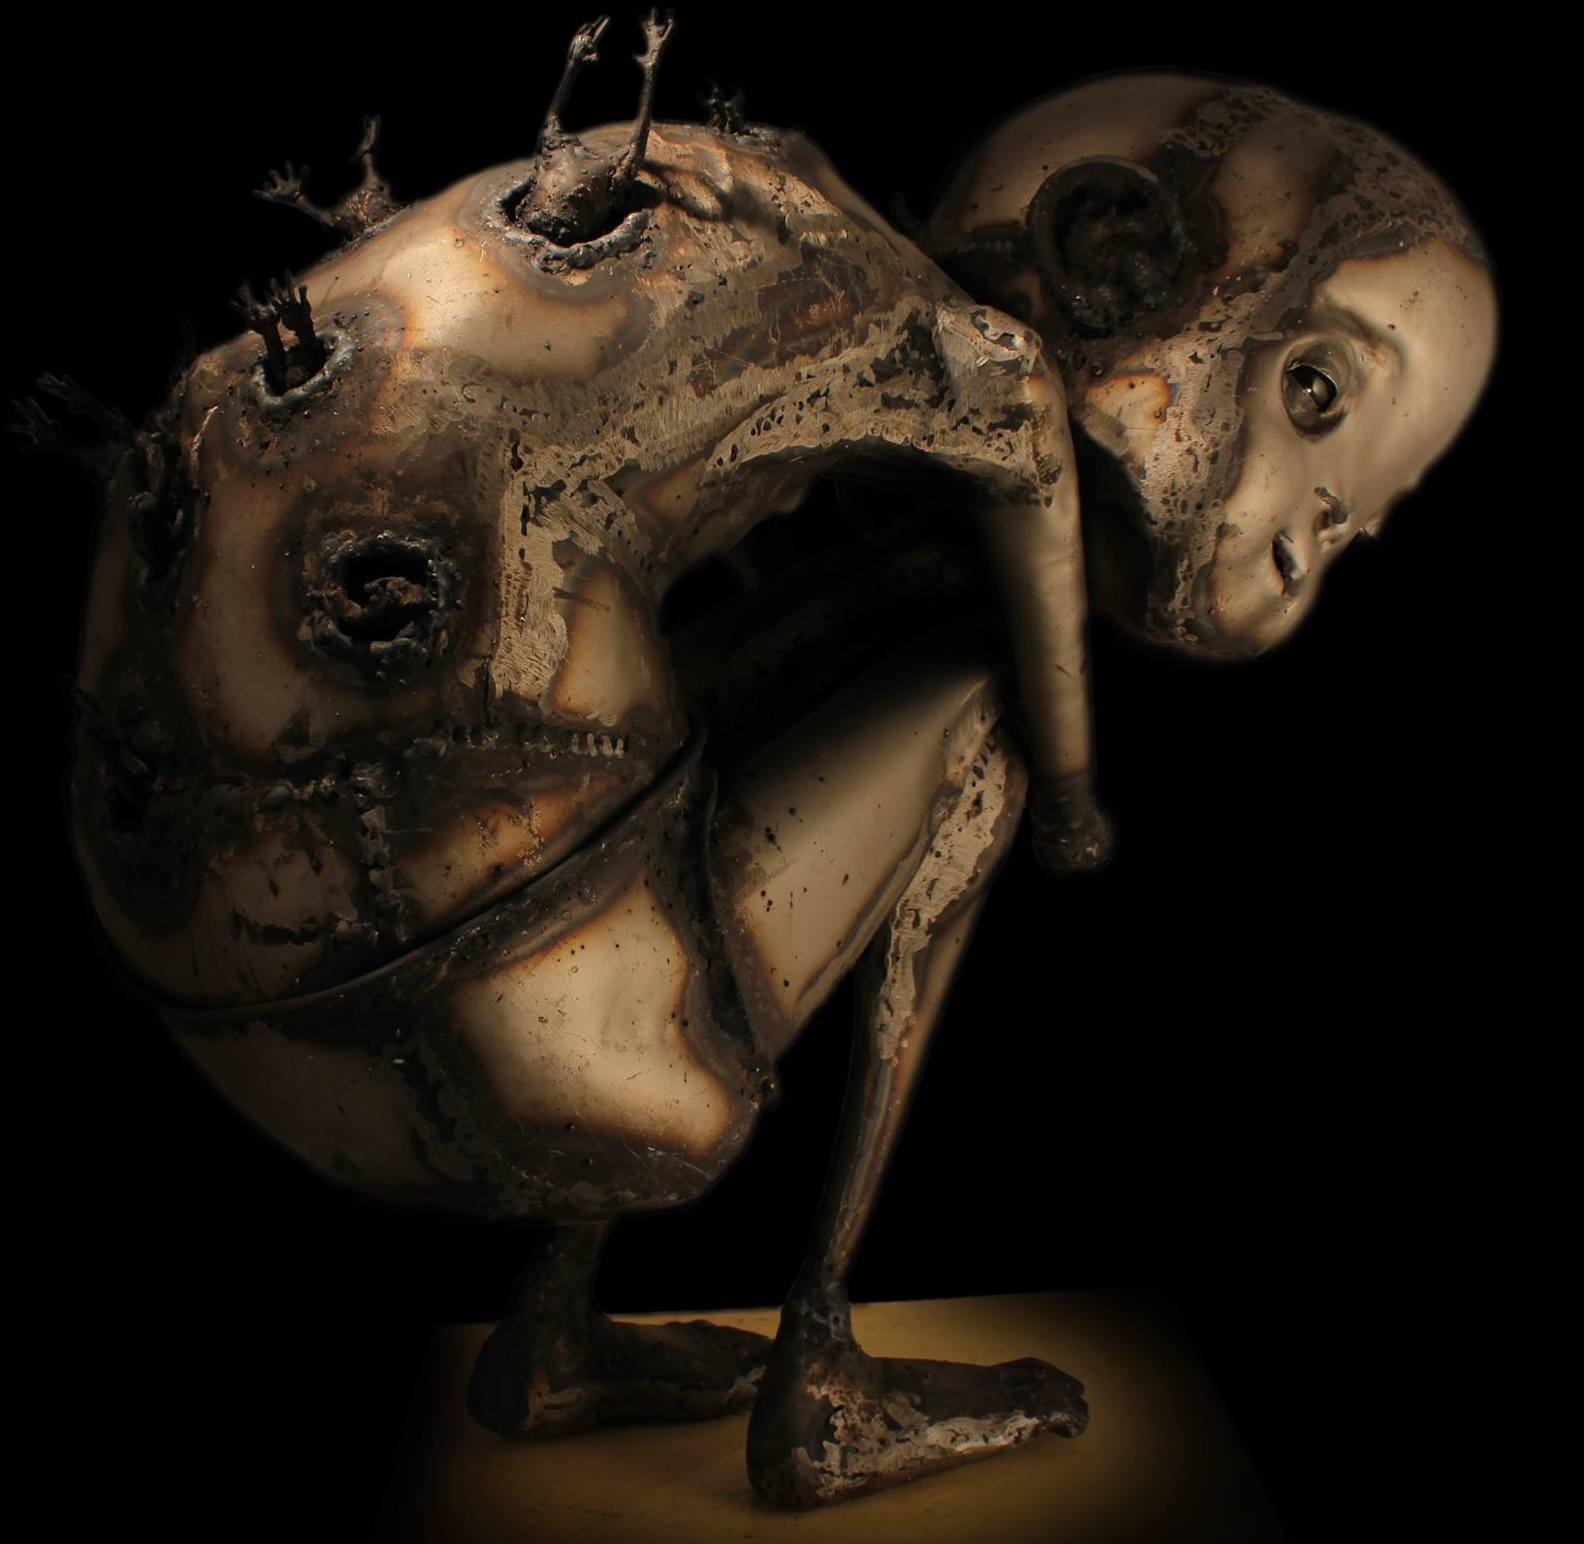 Guillermo Rigattieri – Steampunk sculptures